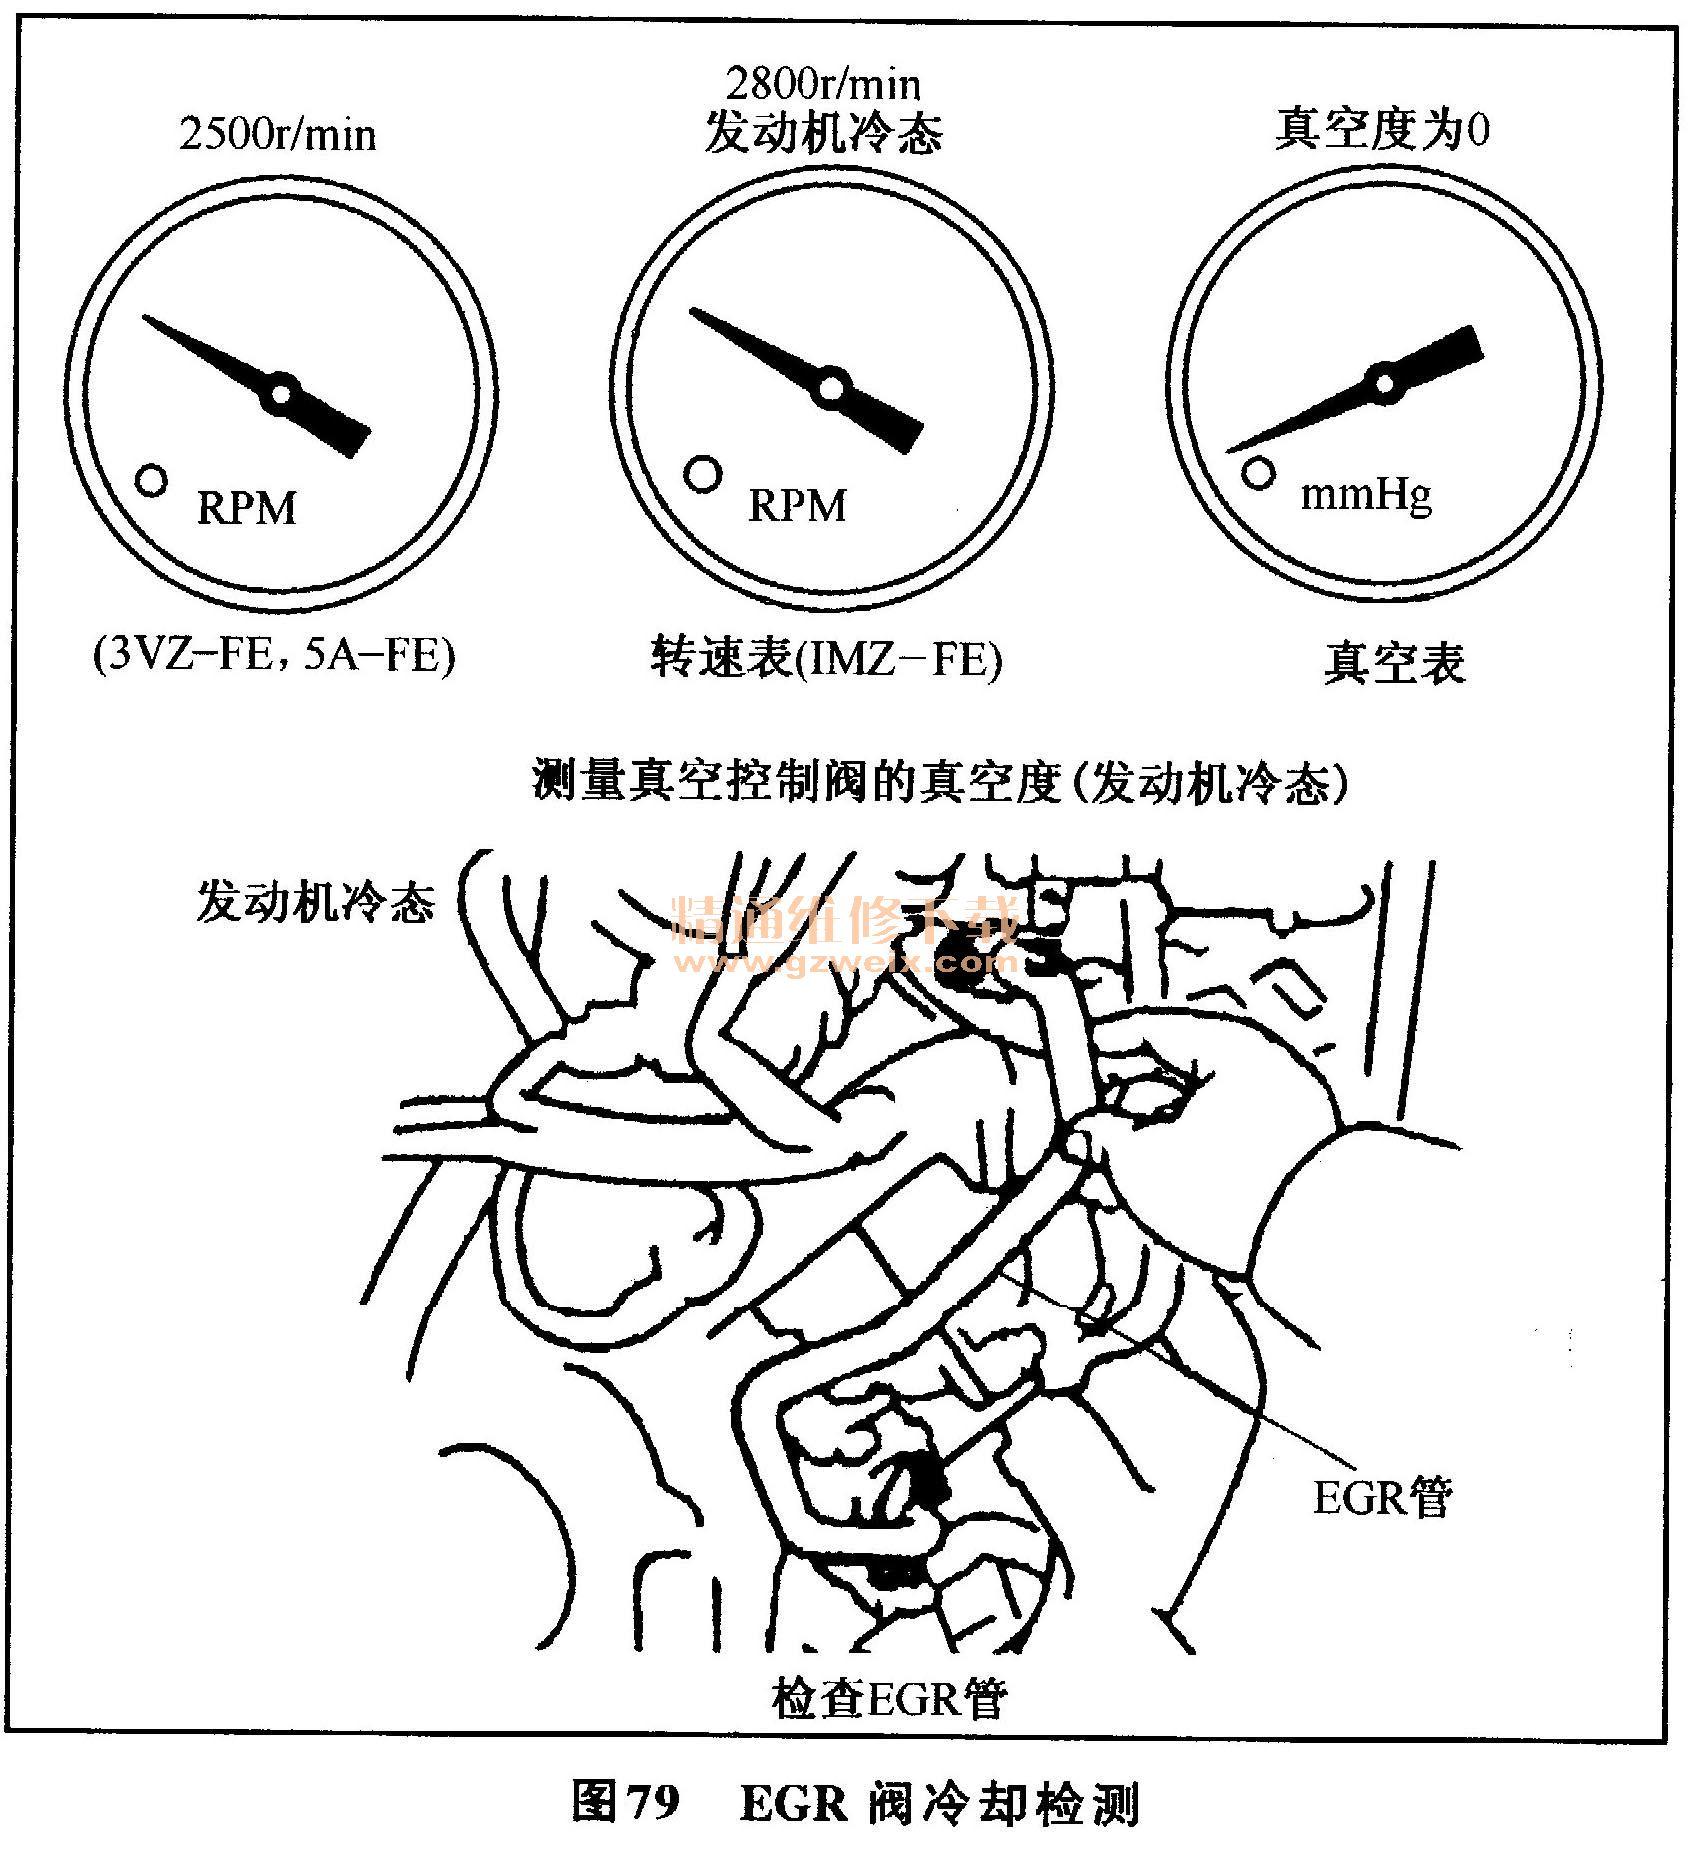 (二)EGR系统的检查(IMZ-FE ) (1)检查并吹净EGR真空调节器的过滤片: 拆下盖子和过滤片,见图78左半图所示。  检查过滤片是否脏污或损坏。 用压缩空气吹净过滤片。 重新安装过滤片和盖子。 注意:安装过滤片时,粗糙表面朝外。 (2)连接真空表:使用3通接头,将真空表与EGR阀和温控真空阀间的软管相连,见图78右半图所示。